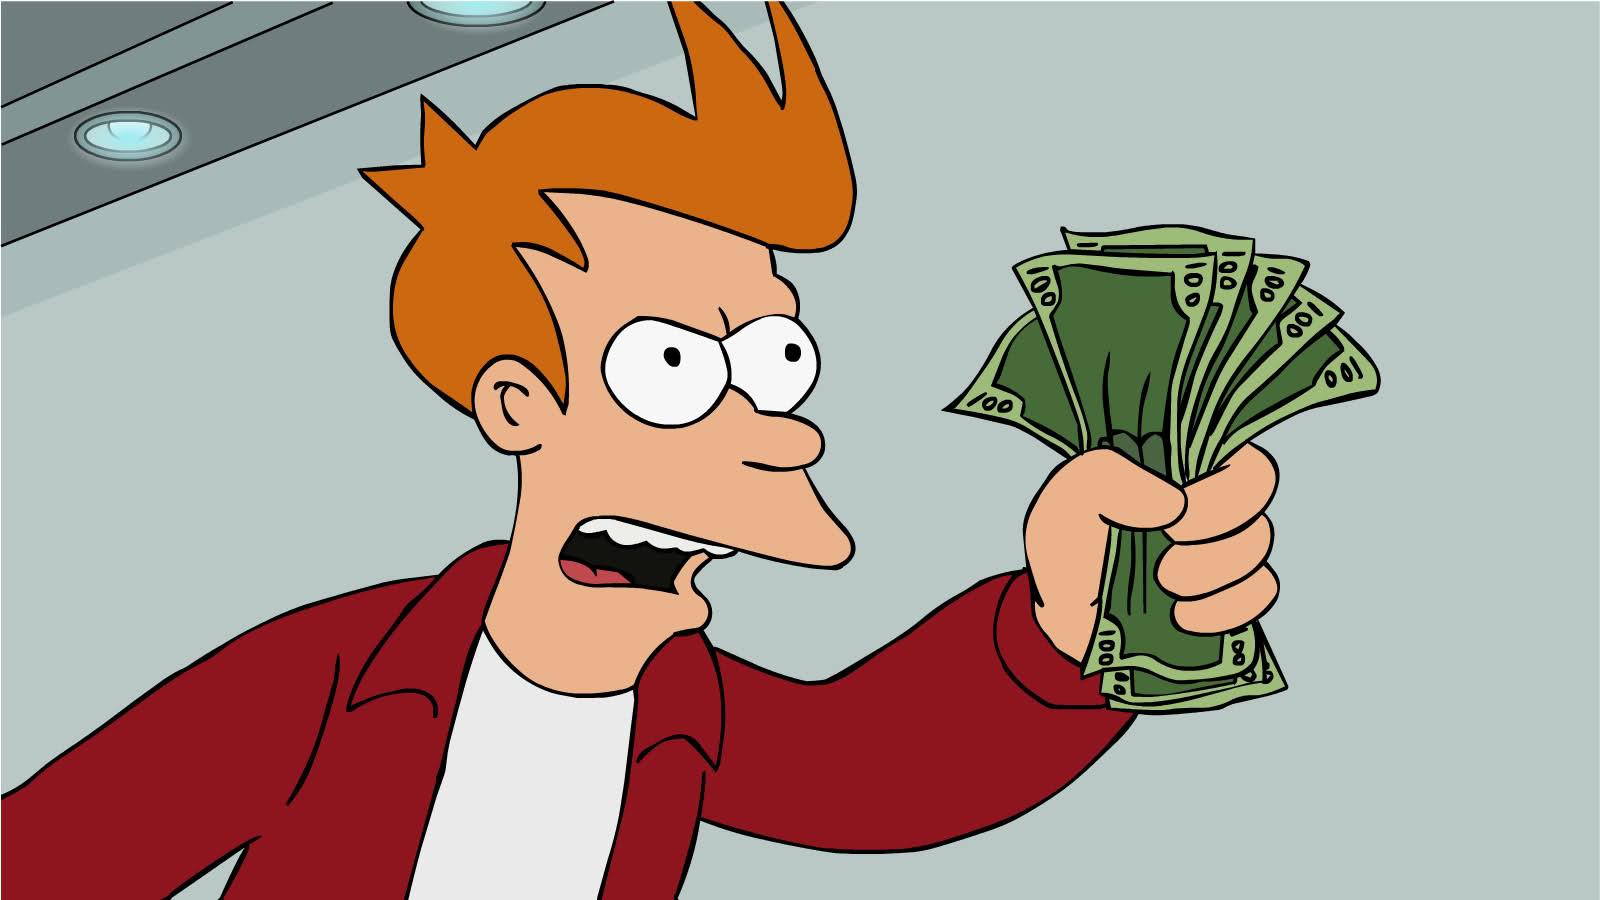 Steam permitirá intercambiar o vender juegos de segunda mano [Anuncios]